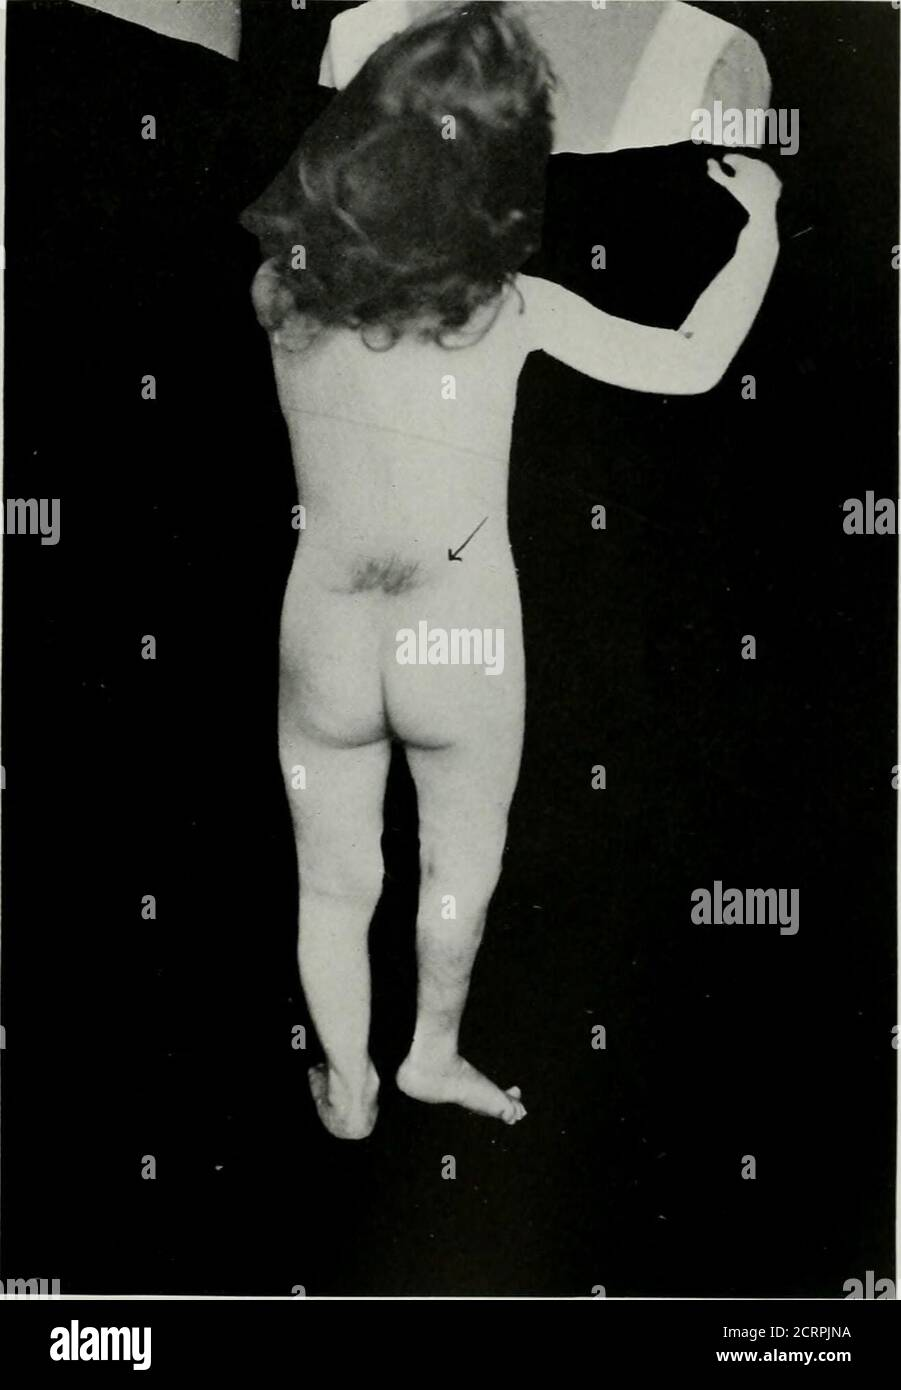 . Anatomie et pathologie vivantes ; le diagnostic des maladies au début de la vie par la méthode de Roentgen . PI.ATK 42. SIIXA HIIDA OCCN.TA. Fille, 3i année^. (Même sujet que les plaques 43 et 44.) La flèche pointe.s vers les cheveux et .^kin qui couvrent le défaut dans la vertèbre-. Congénital di.slocatiou de la hanche risiht. Plateau 42. PLAT1-. 43. PIZA BIFIDA OCTTLTA. Fille, âge 3J ans. (Même sujet que les plaques 42 et 44.) A. la troisième vertèbre lombaire rétrécie. B. le troisième disque intcivertébral rétréci. C. sacralisation de la cinquième vertèbre lombaire gauche. D. juste au niveau du risiht et en dessous du point de la flèche i.-; fusu Banque D'Images